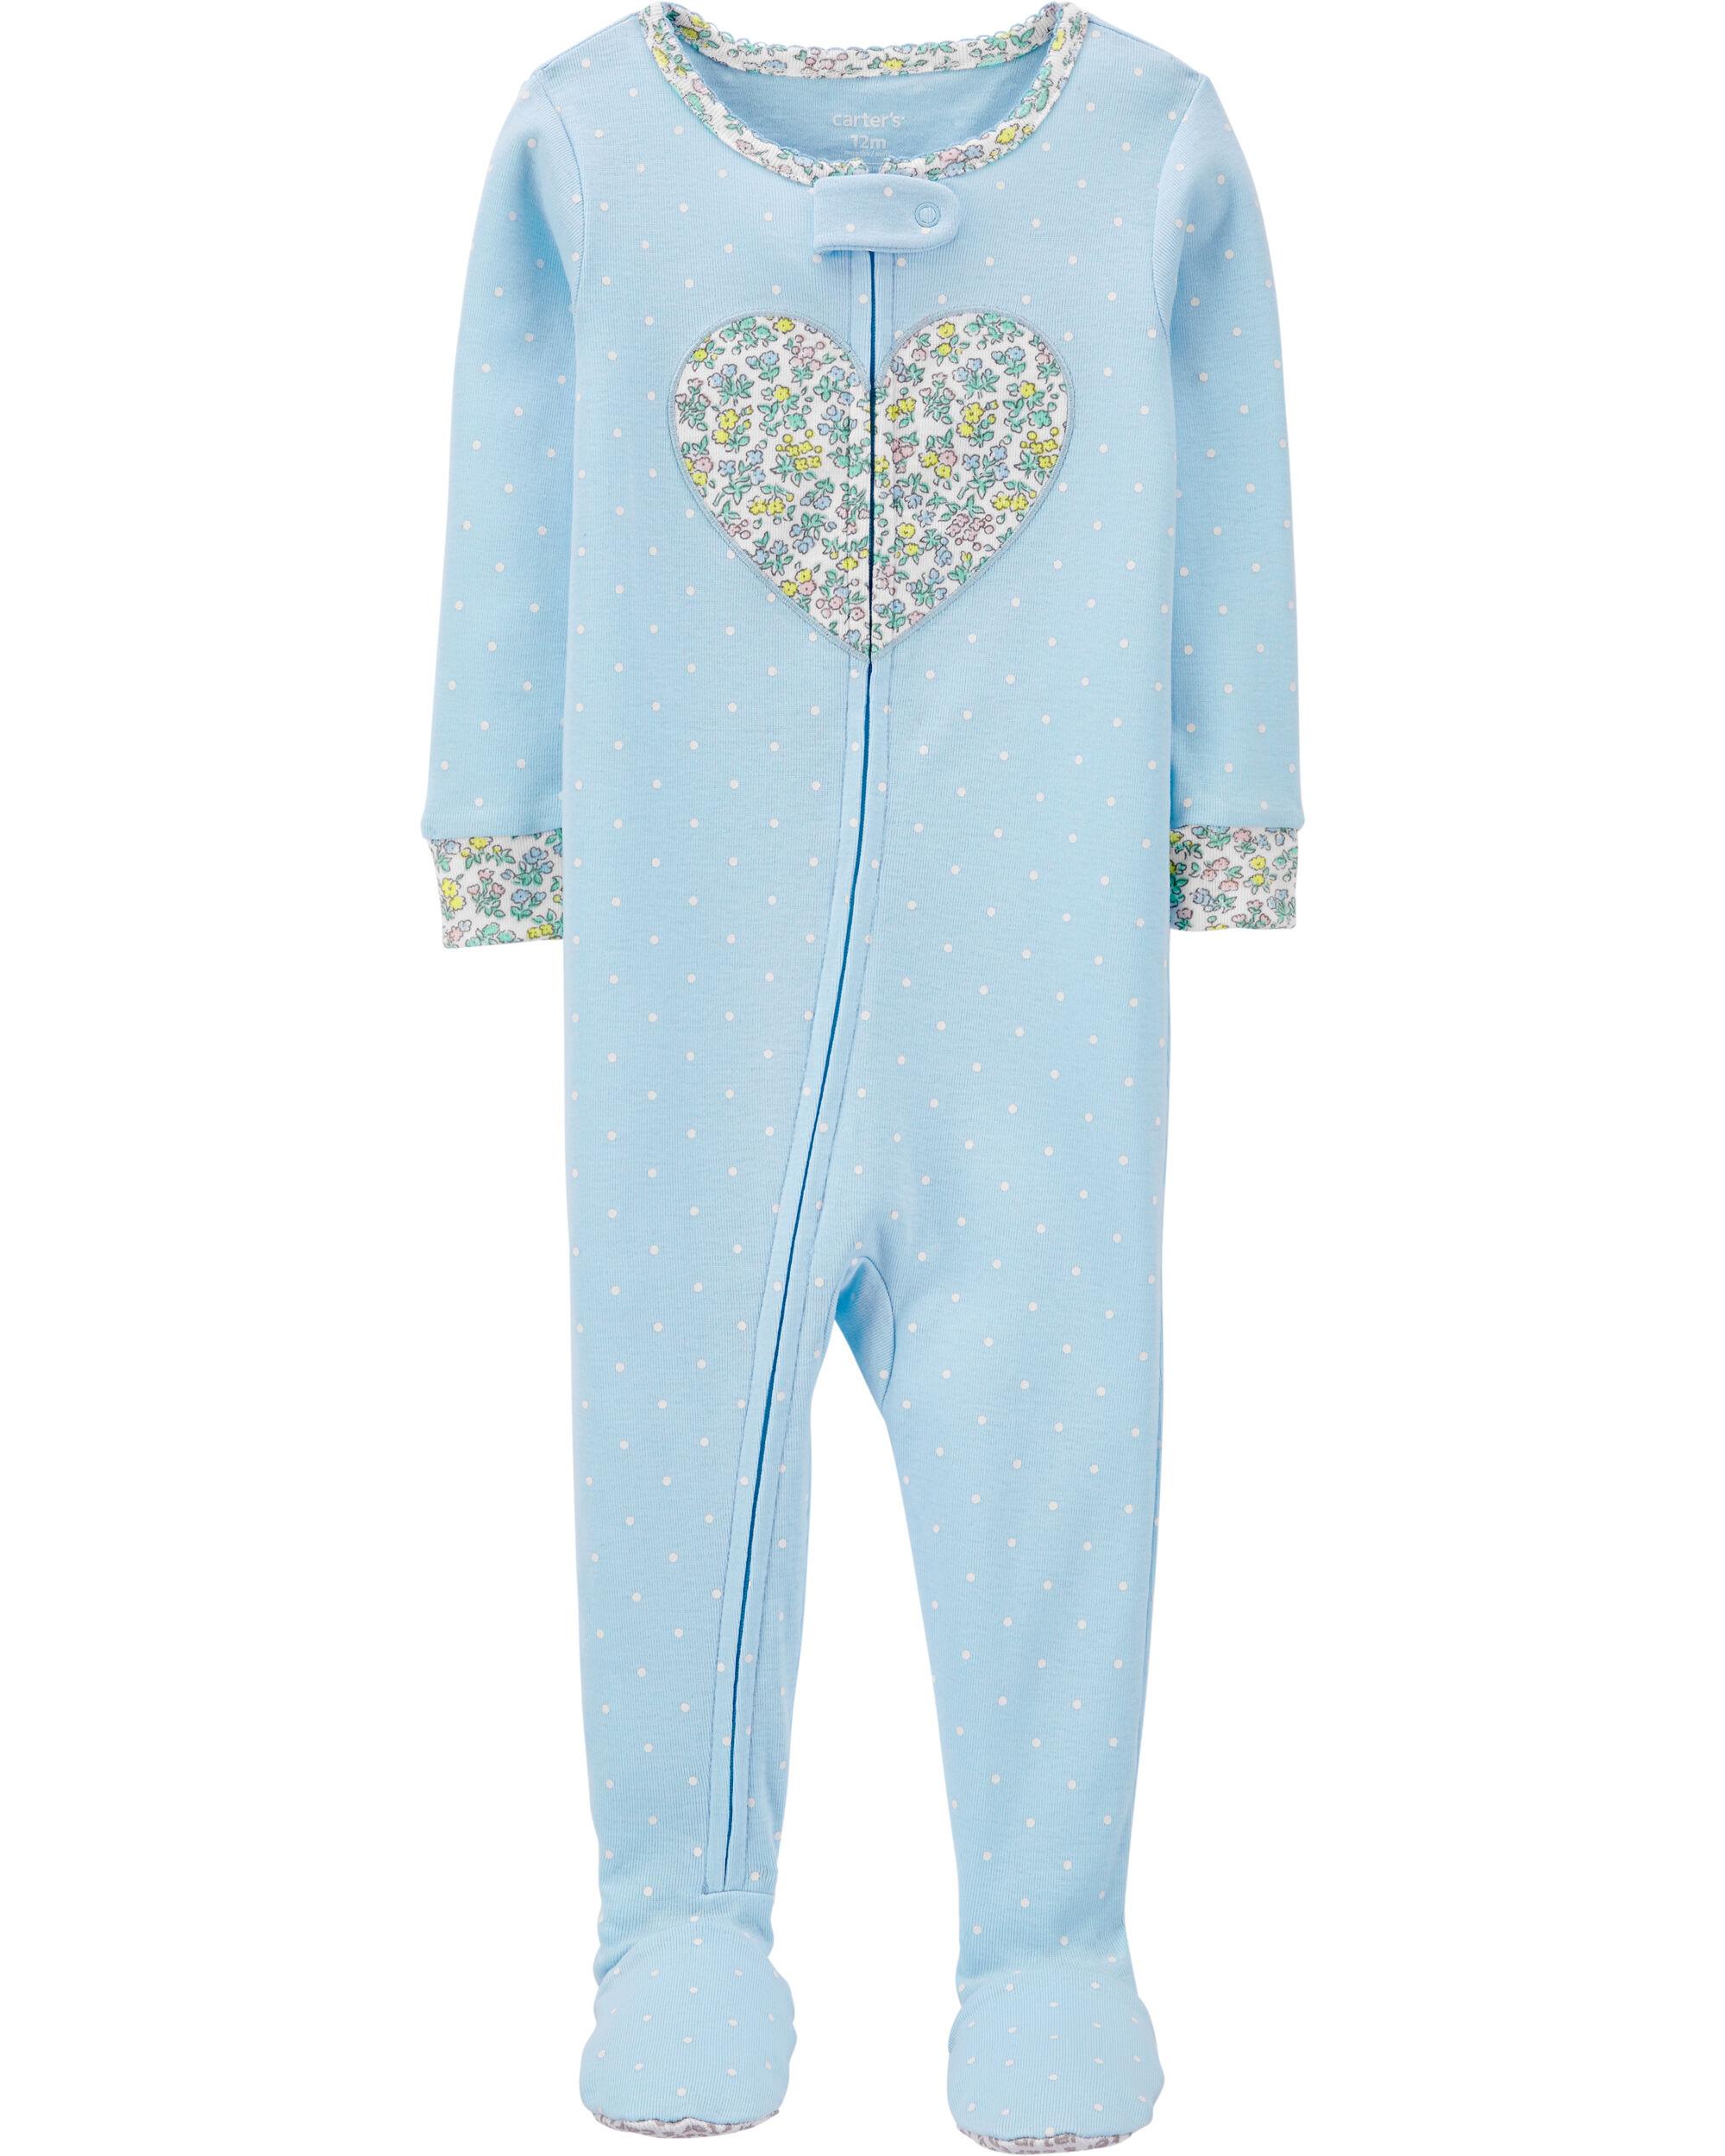 *DOORBUSTER* 1-Piece 100% Snug Fit Cotton Footie PJs